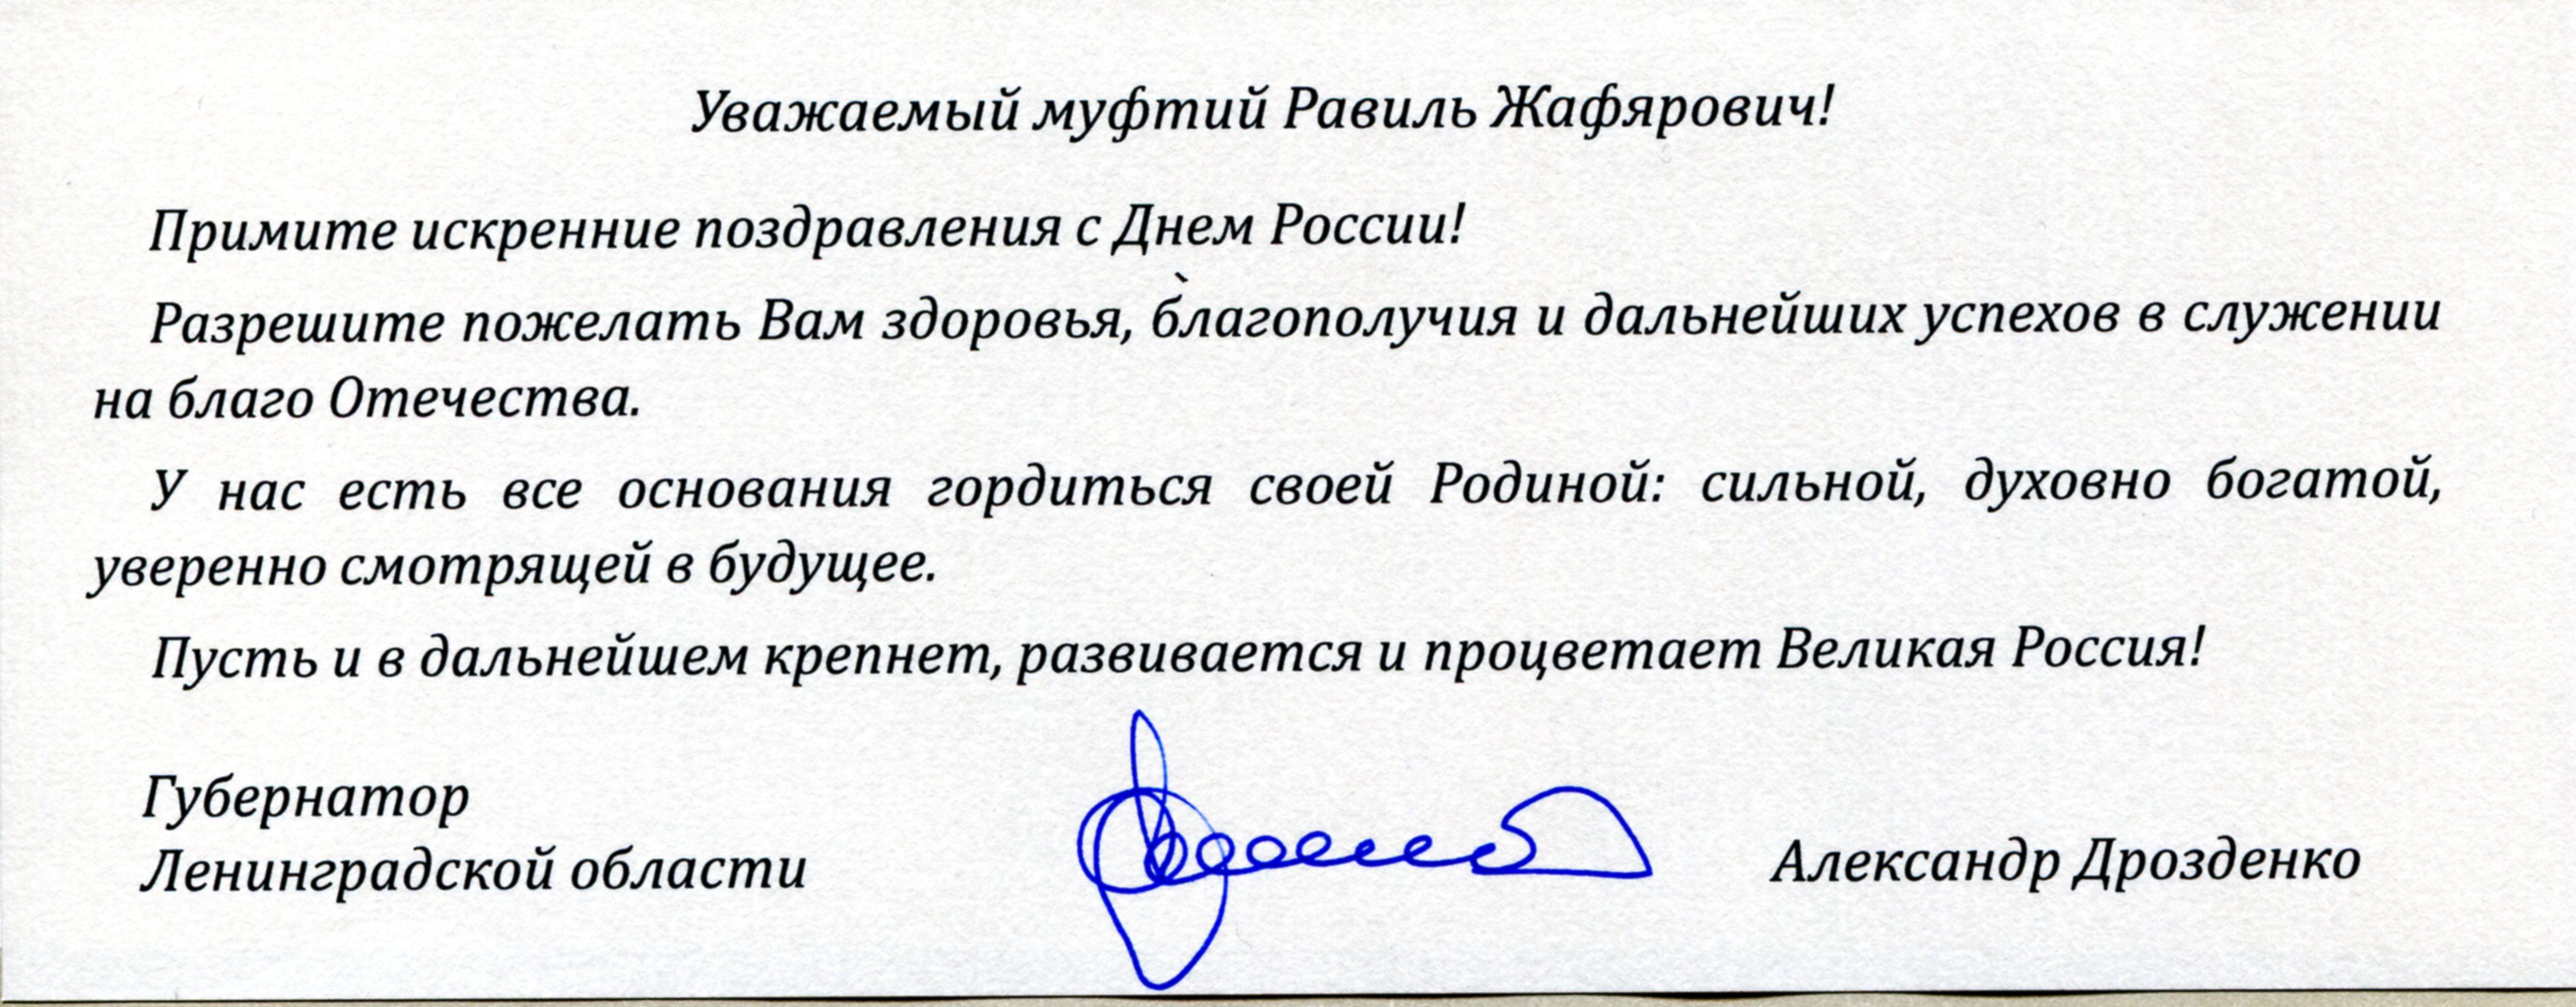 С днем россии поздравление губернатору